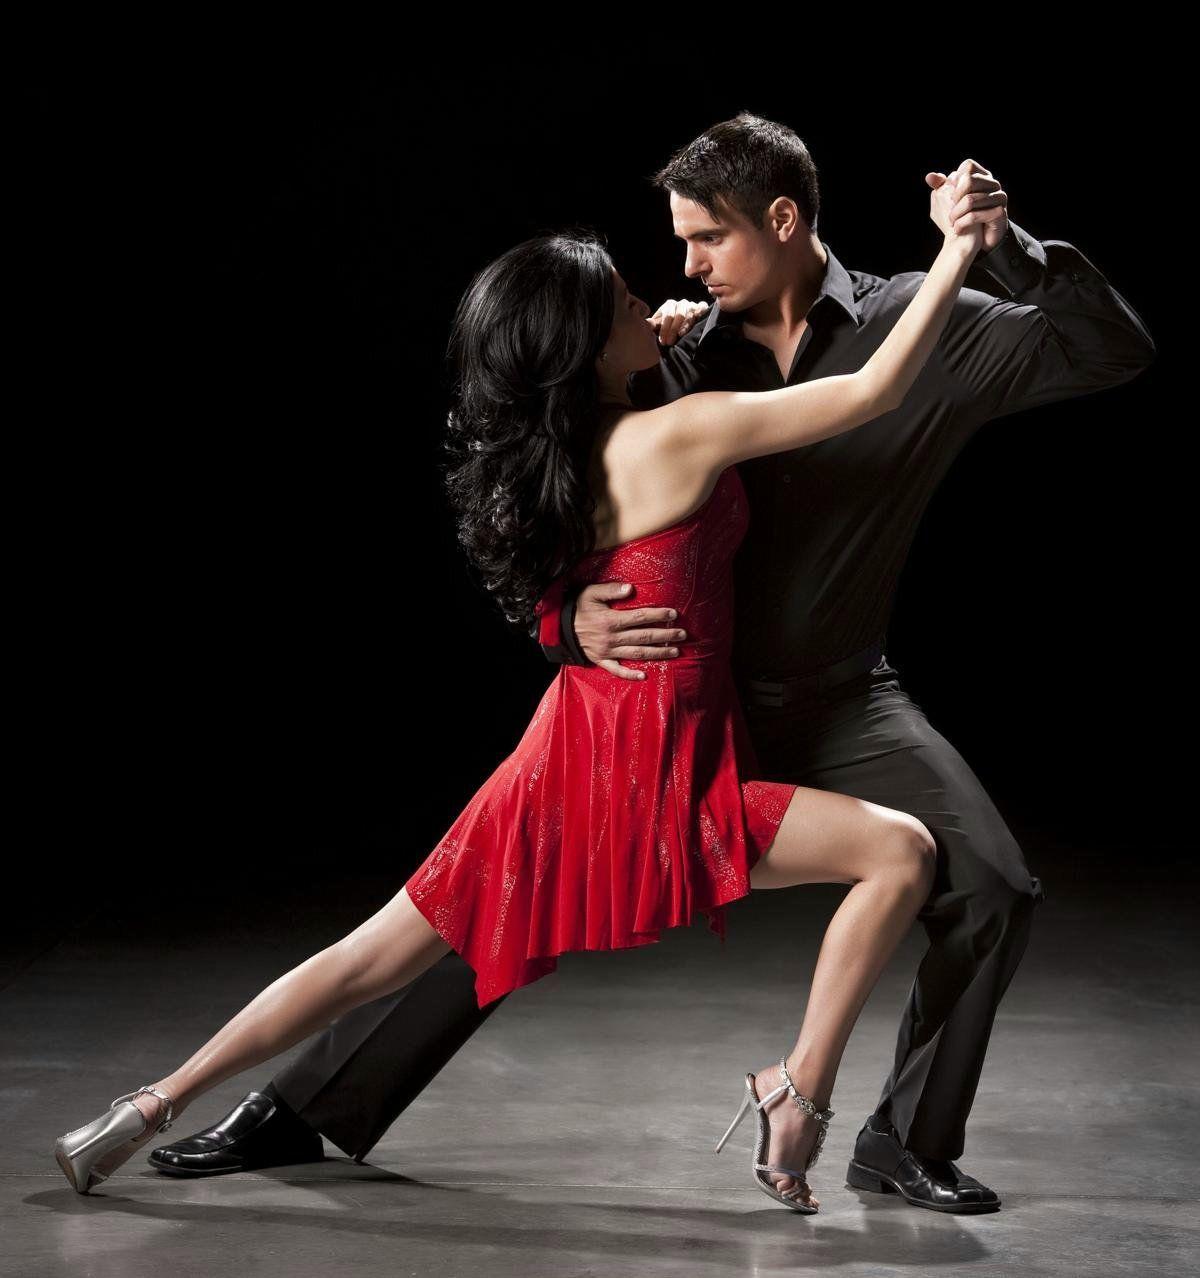 1200-12715159-couple-ballroom-dancing-couple